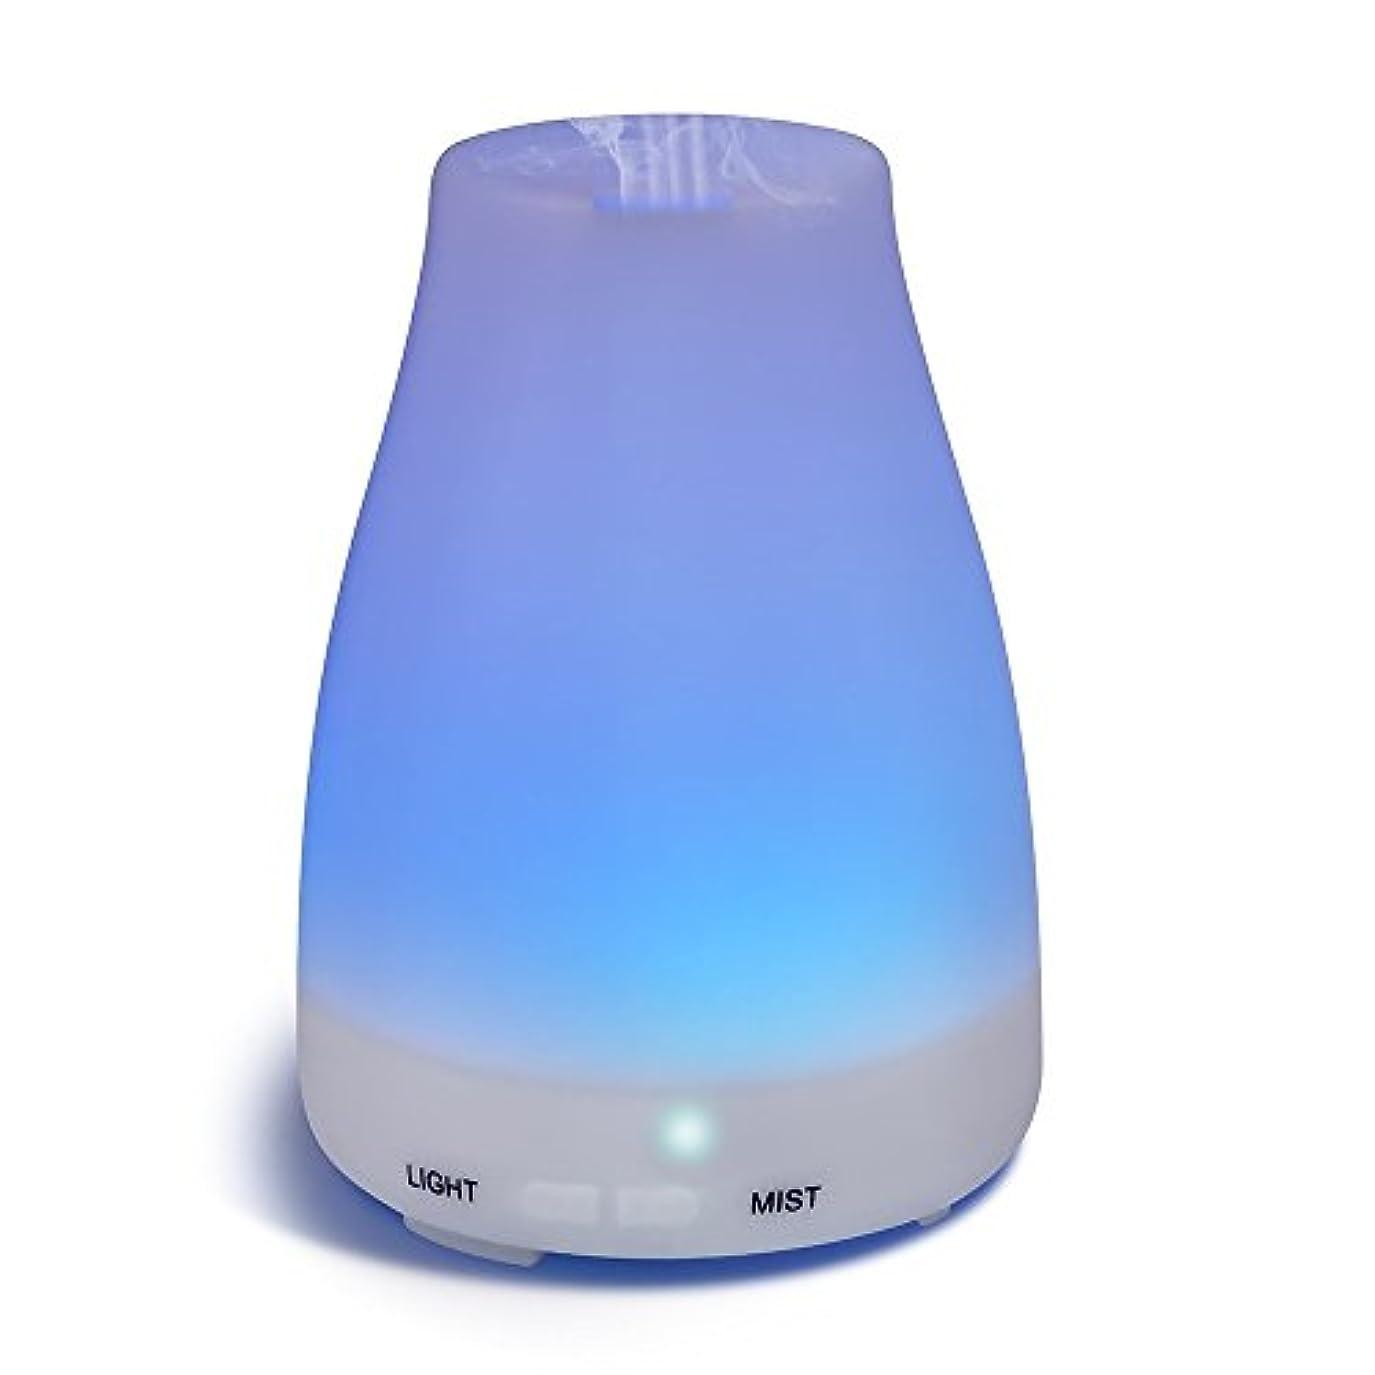 マスタード本温室HOMREE 100mL加湿器アロマセラピー エッセンシャル 油 ディフューザー、7 カラフル LED ライト、調節可能な ミスト モード そして オート シャット- オフ